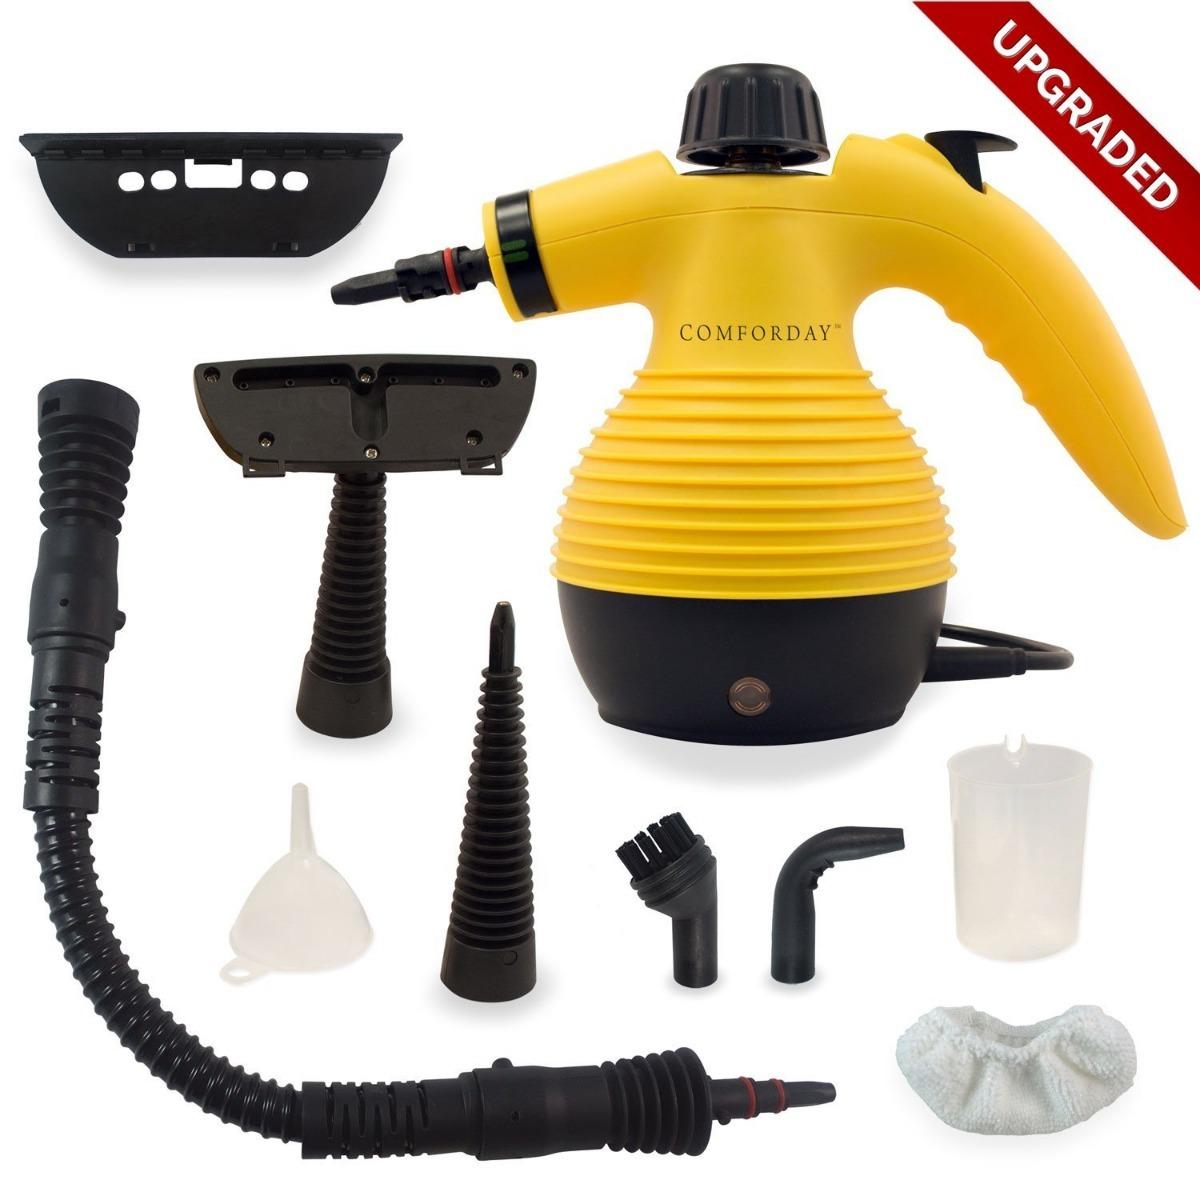 Comforday Maquina Limpieza A Vapor Multiusos 1 350 00 En  # Alfombras Y Muebles Power Espray